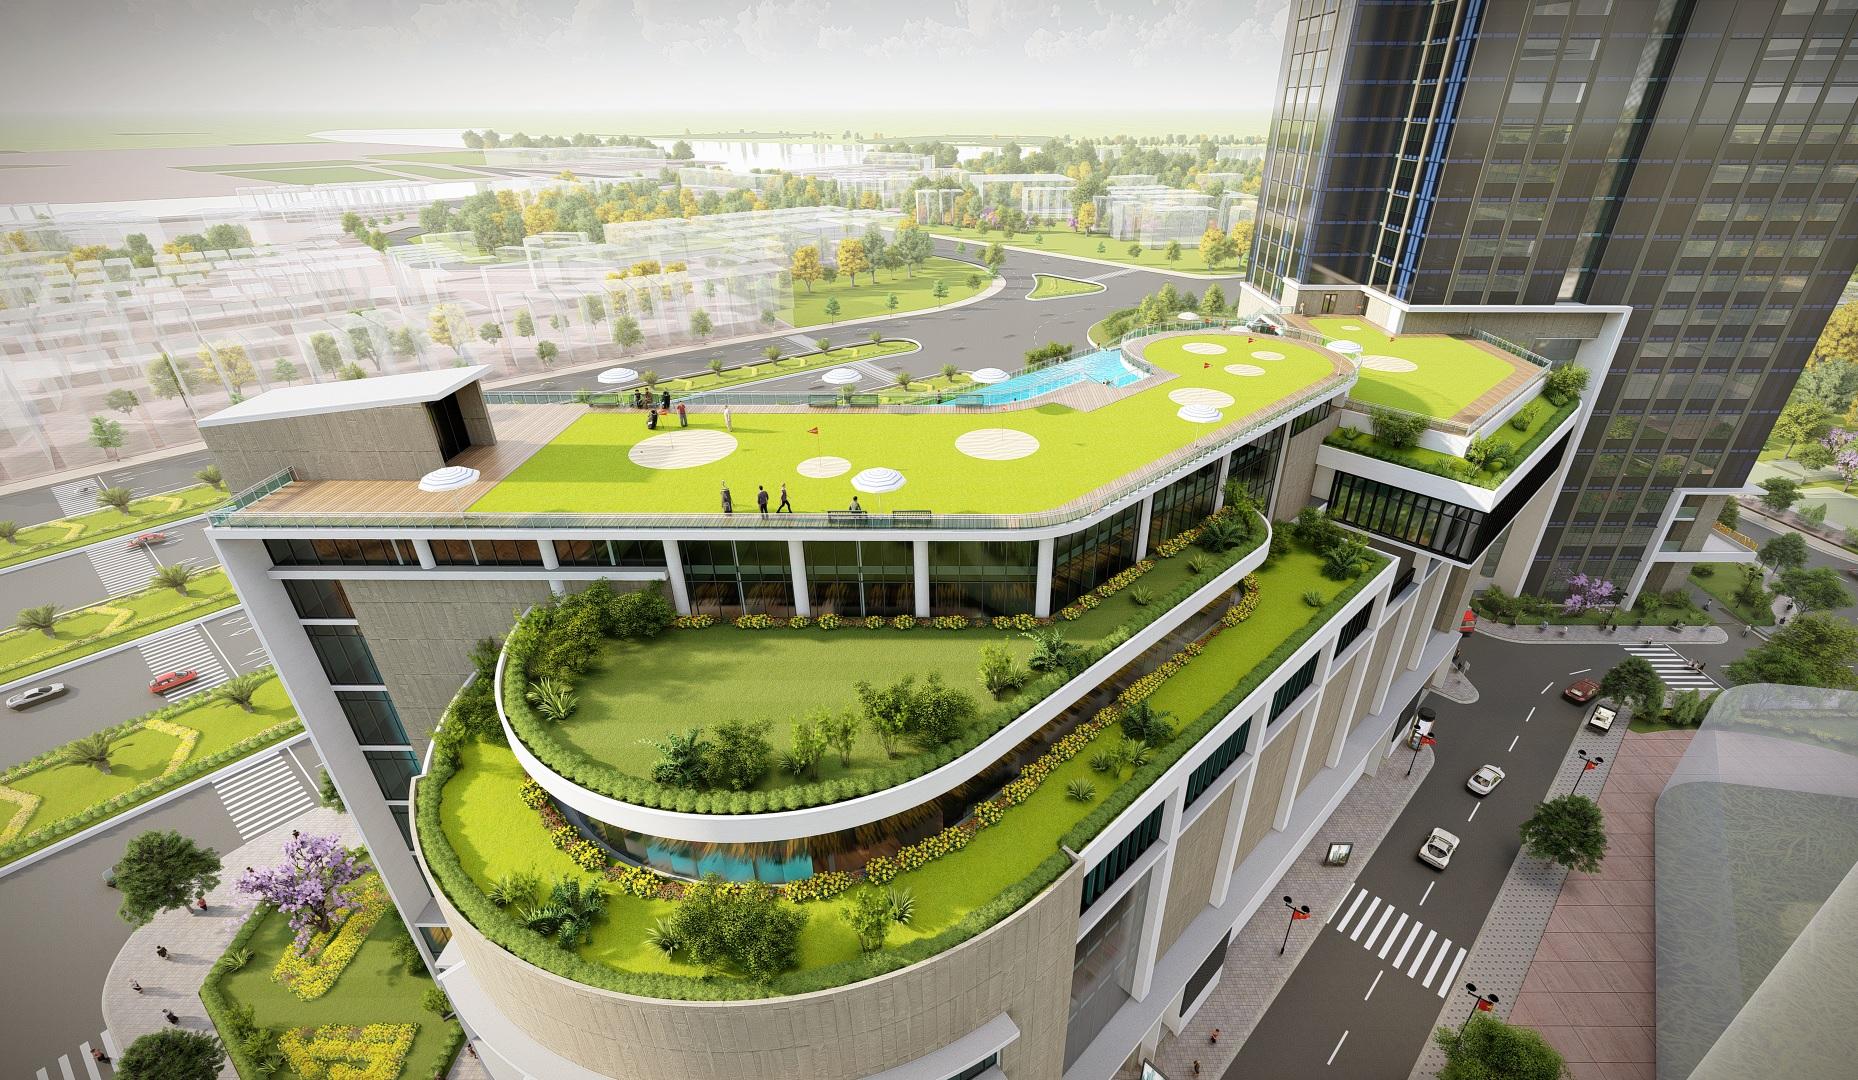 san vuon khach san park hyatt du an ecogreen saigon 1 - Penthouse là gì? Tiêu chí của căn hộ Penthouse